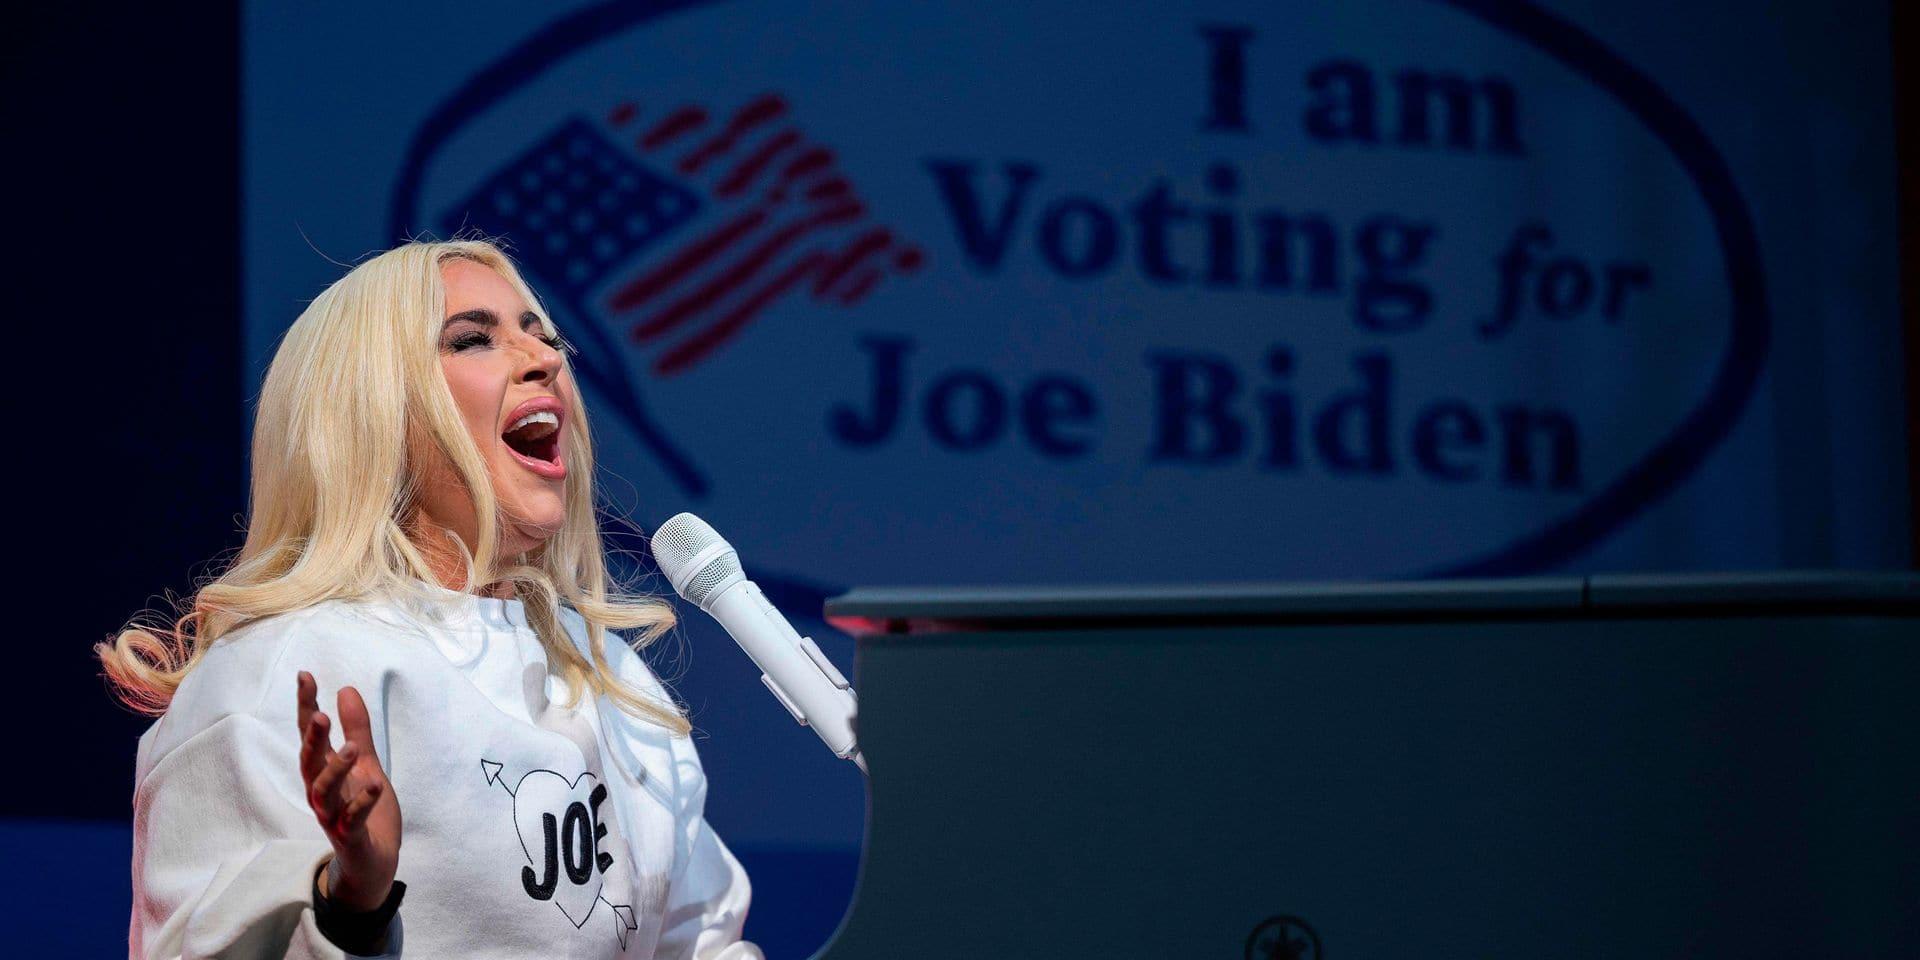 Transition à la Maison Blanche: Lady Gaga chantera l'hymne national lors de la cérémonie d'investiture de Biden